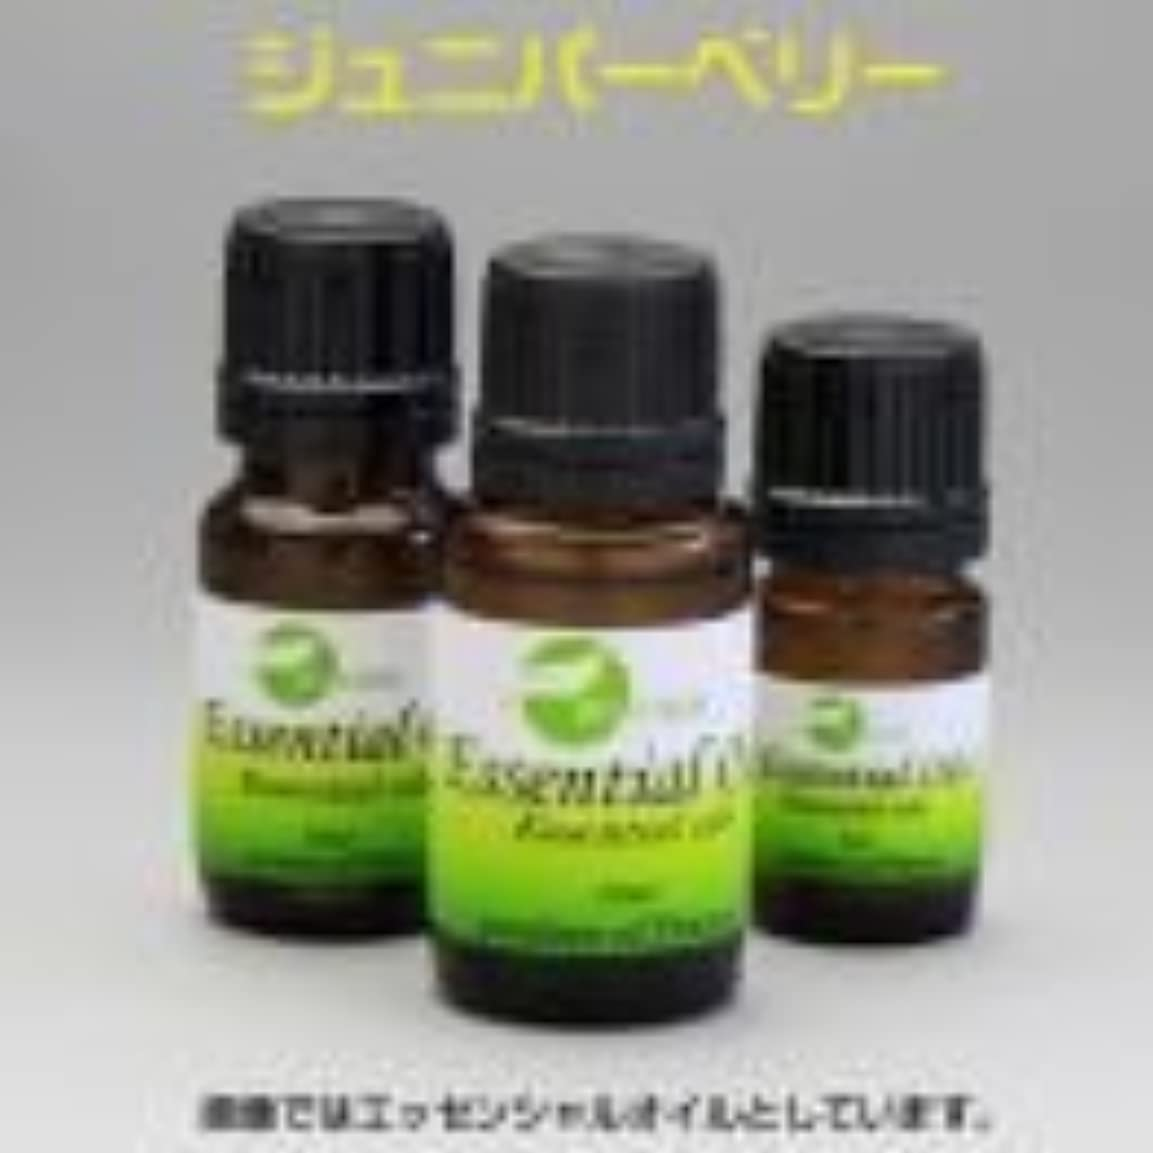 インポート蒸気治安判事[エッセンシャルオイル] 松の針葉に似たフレッシュな樹脂の香り ジュニパーベリー 15ml